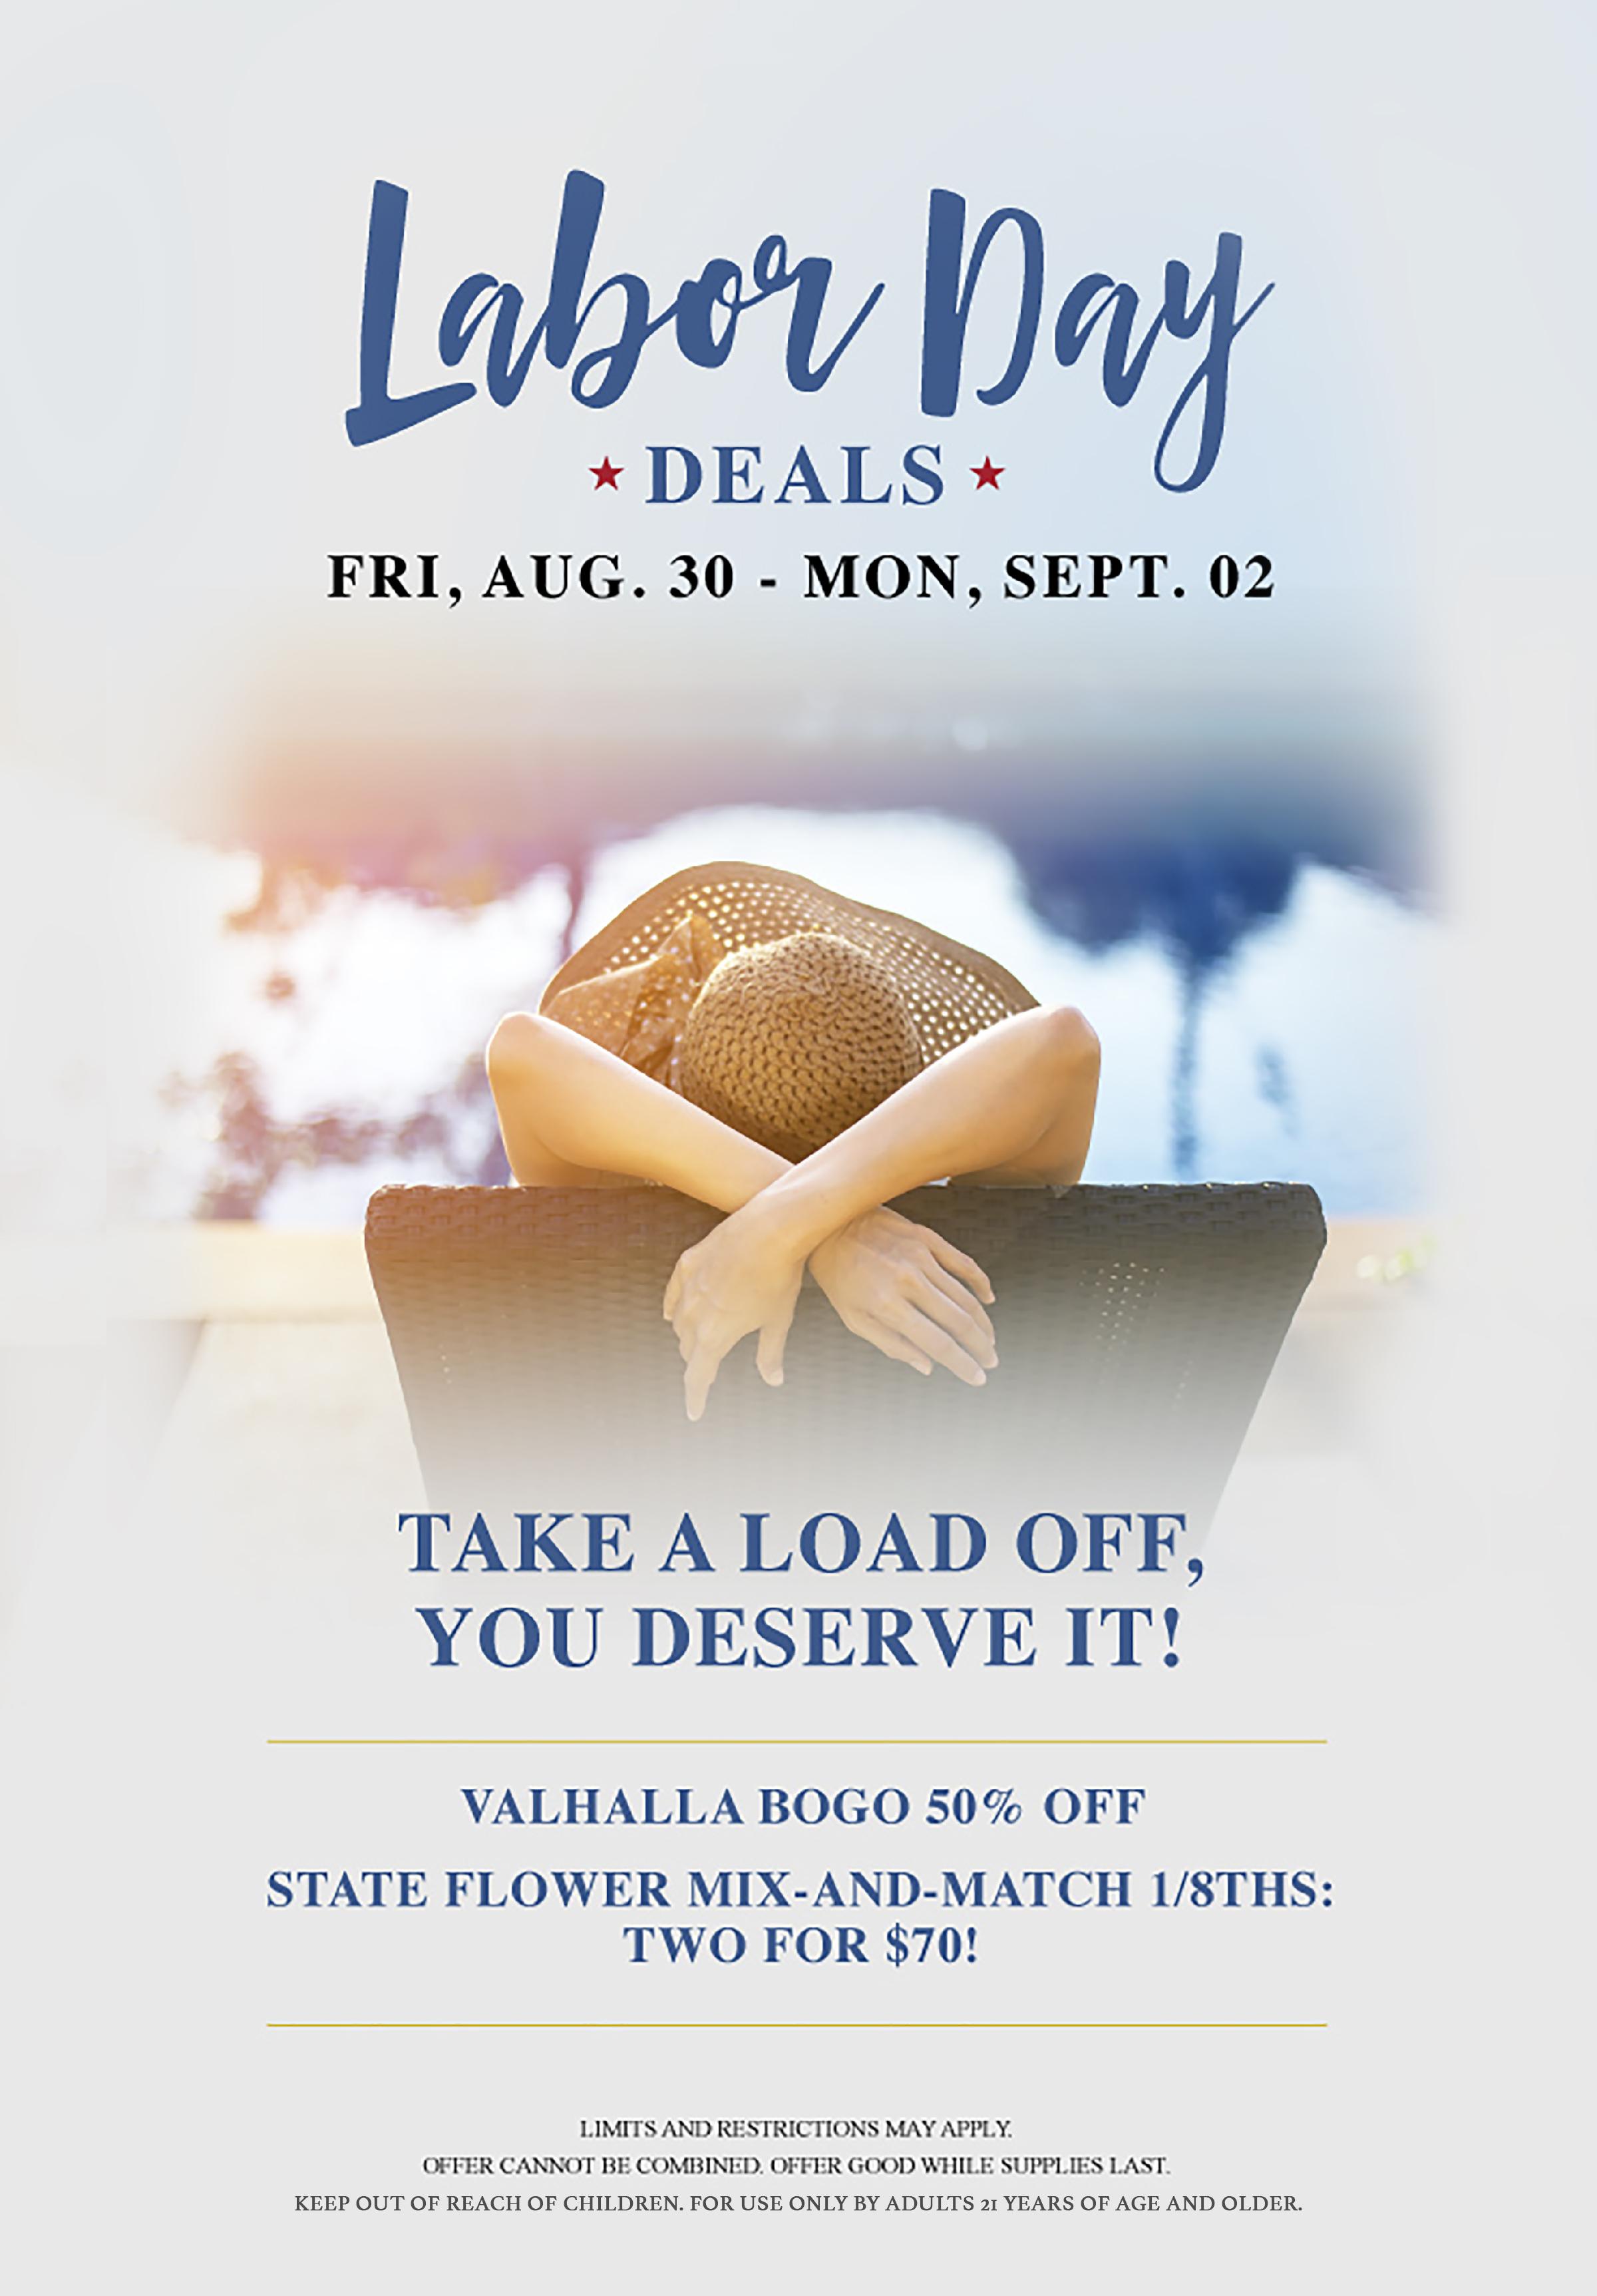 APNV LDW Deals.jpg